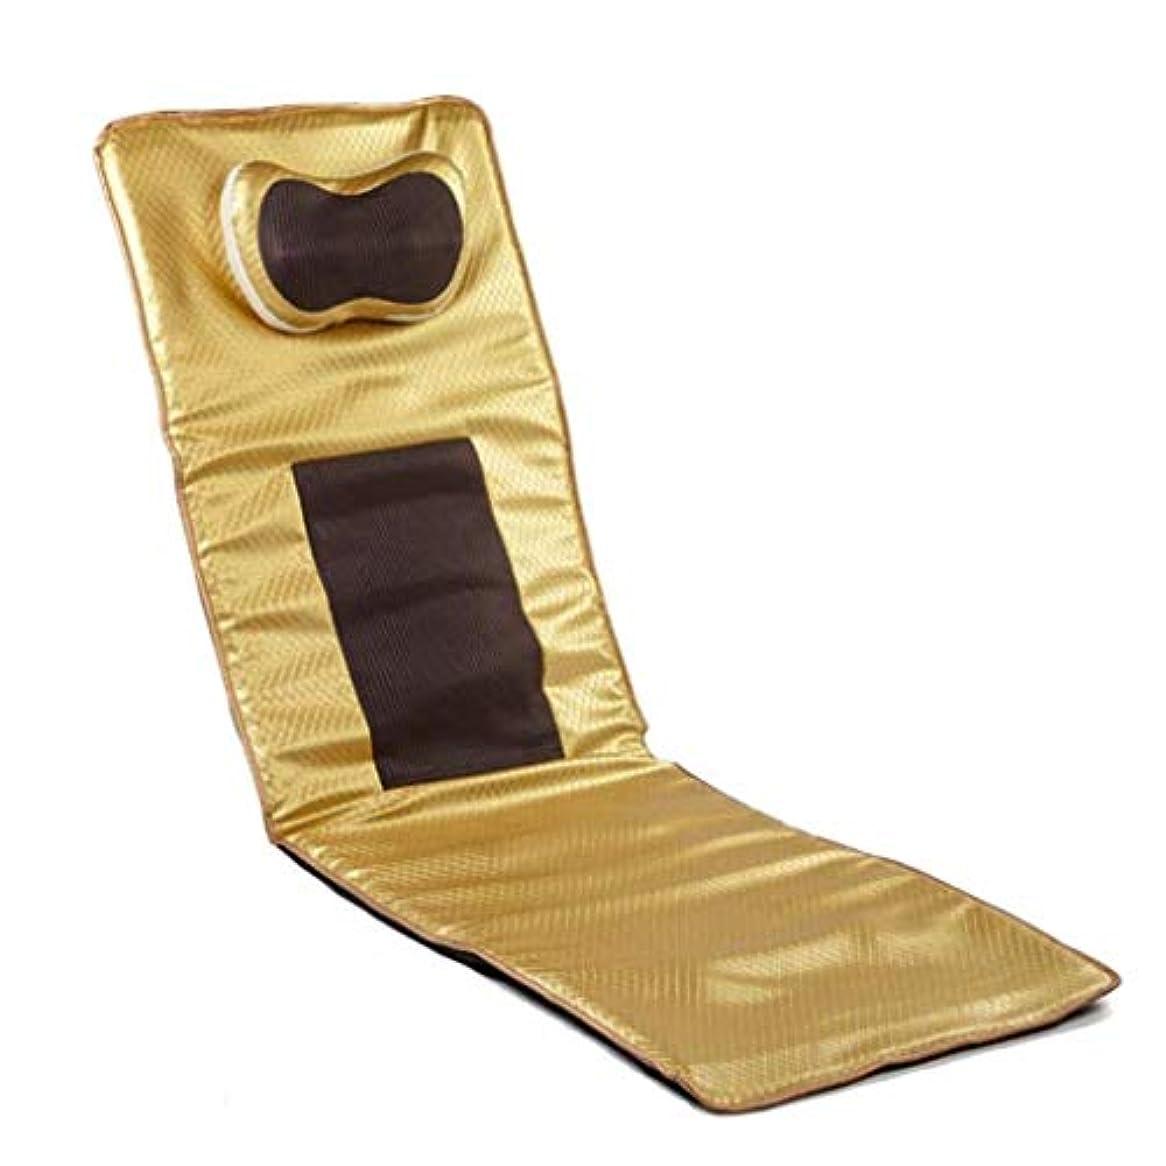 パシフィックピースパスタ電気マッサージクッション、全身加熱マッサージクッション、マッサージ枕付き、折り畳み式の多機能電気マッサージマットレス、痛み/圧力を和らげる